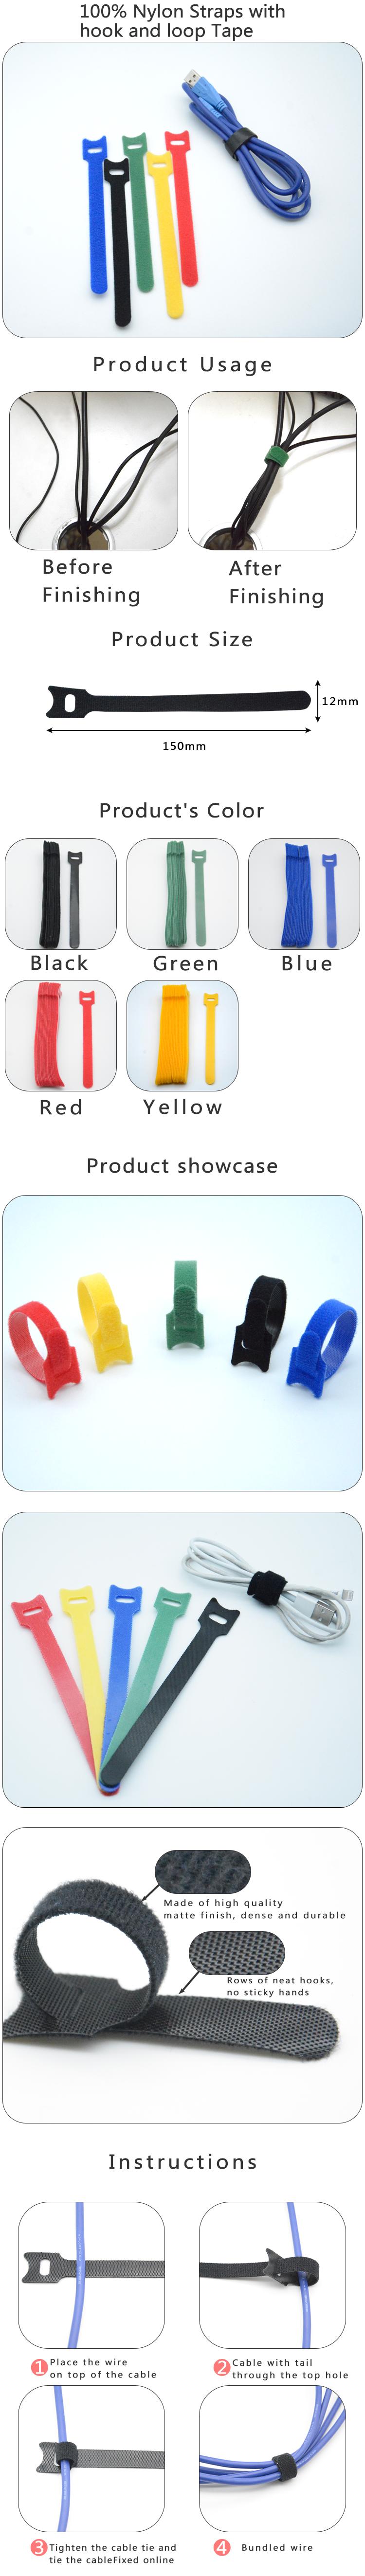 Custom logo printed colorful adjustable hook and loop cable ties